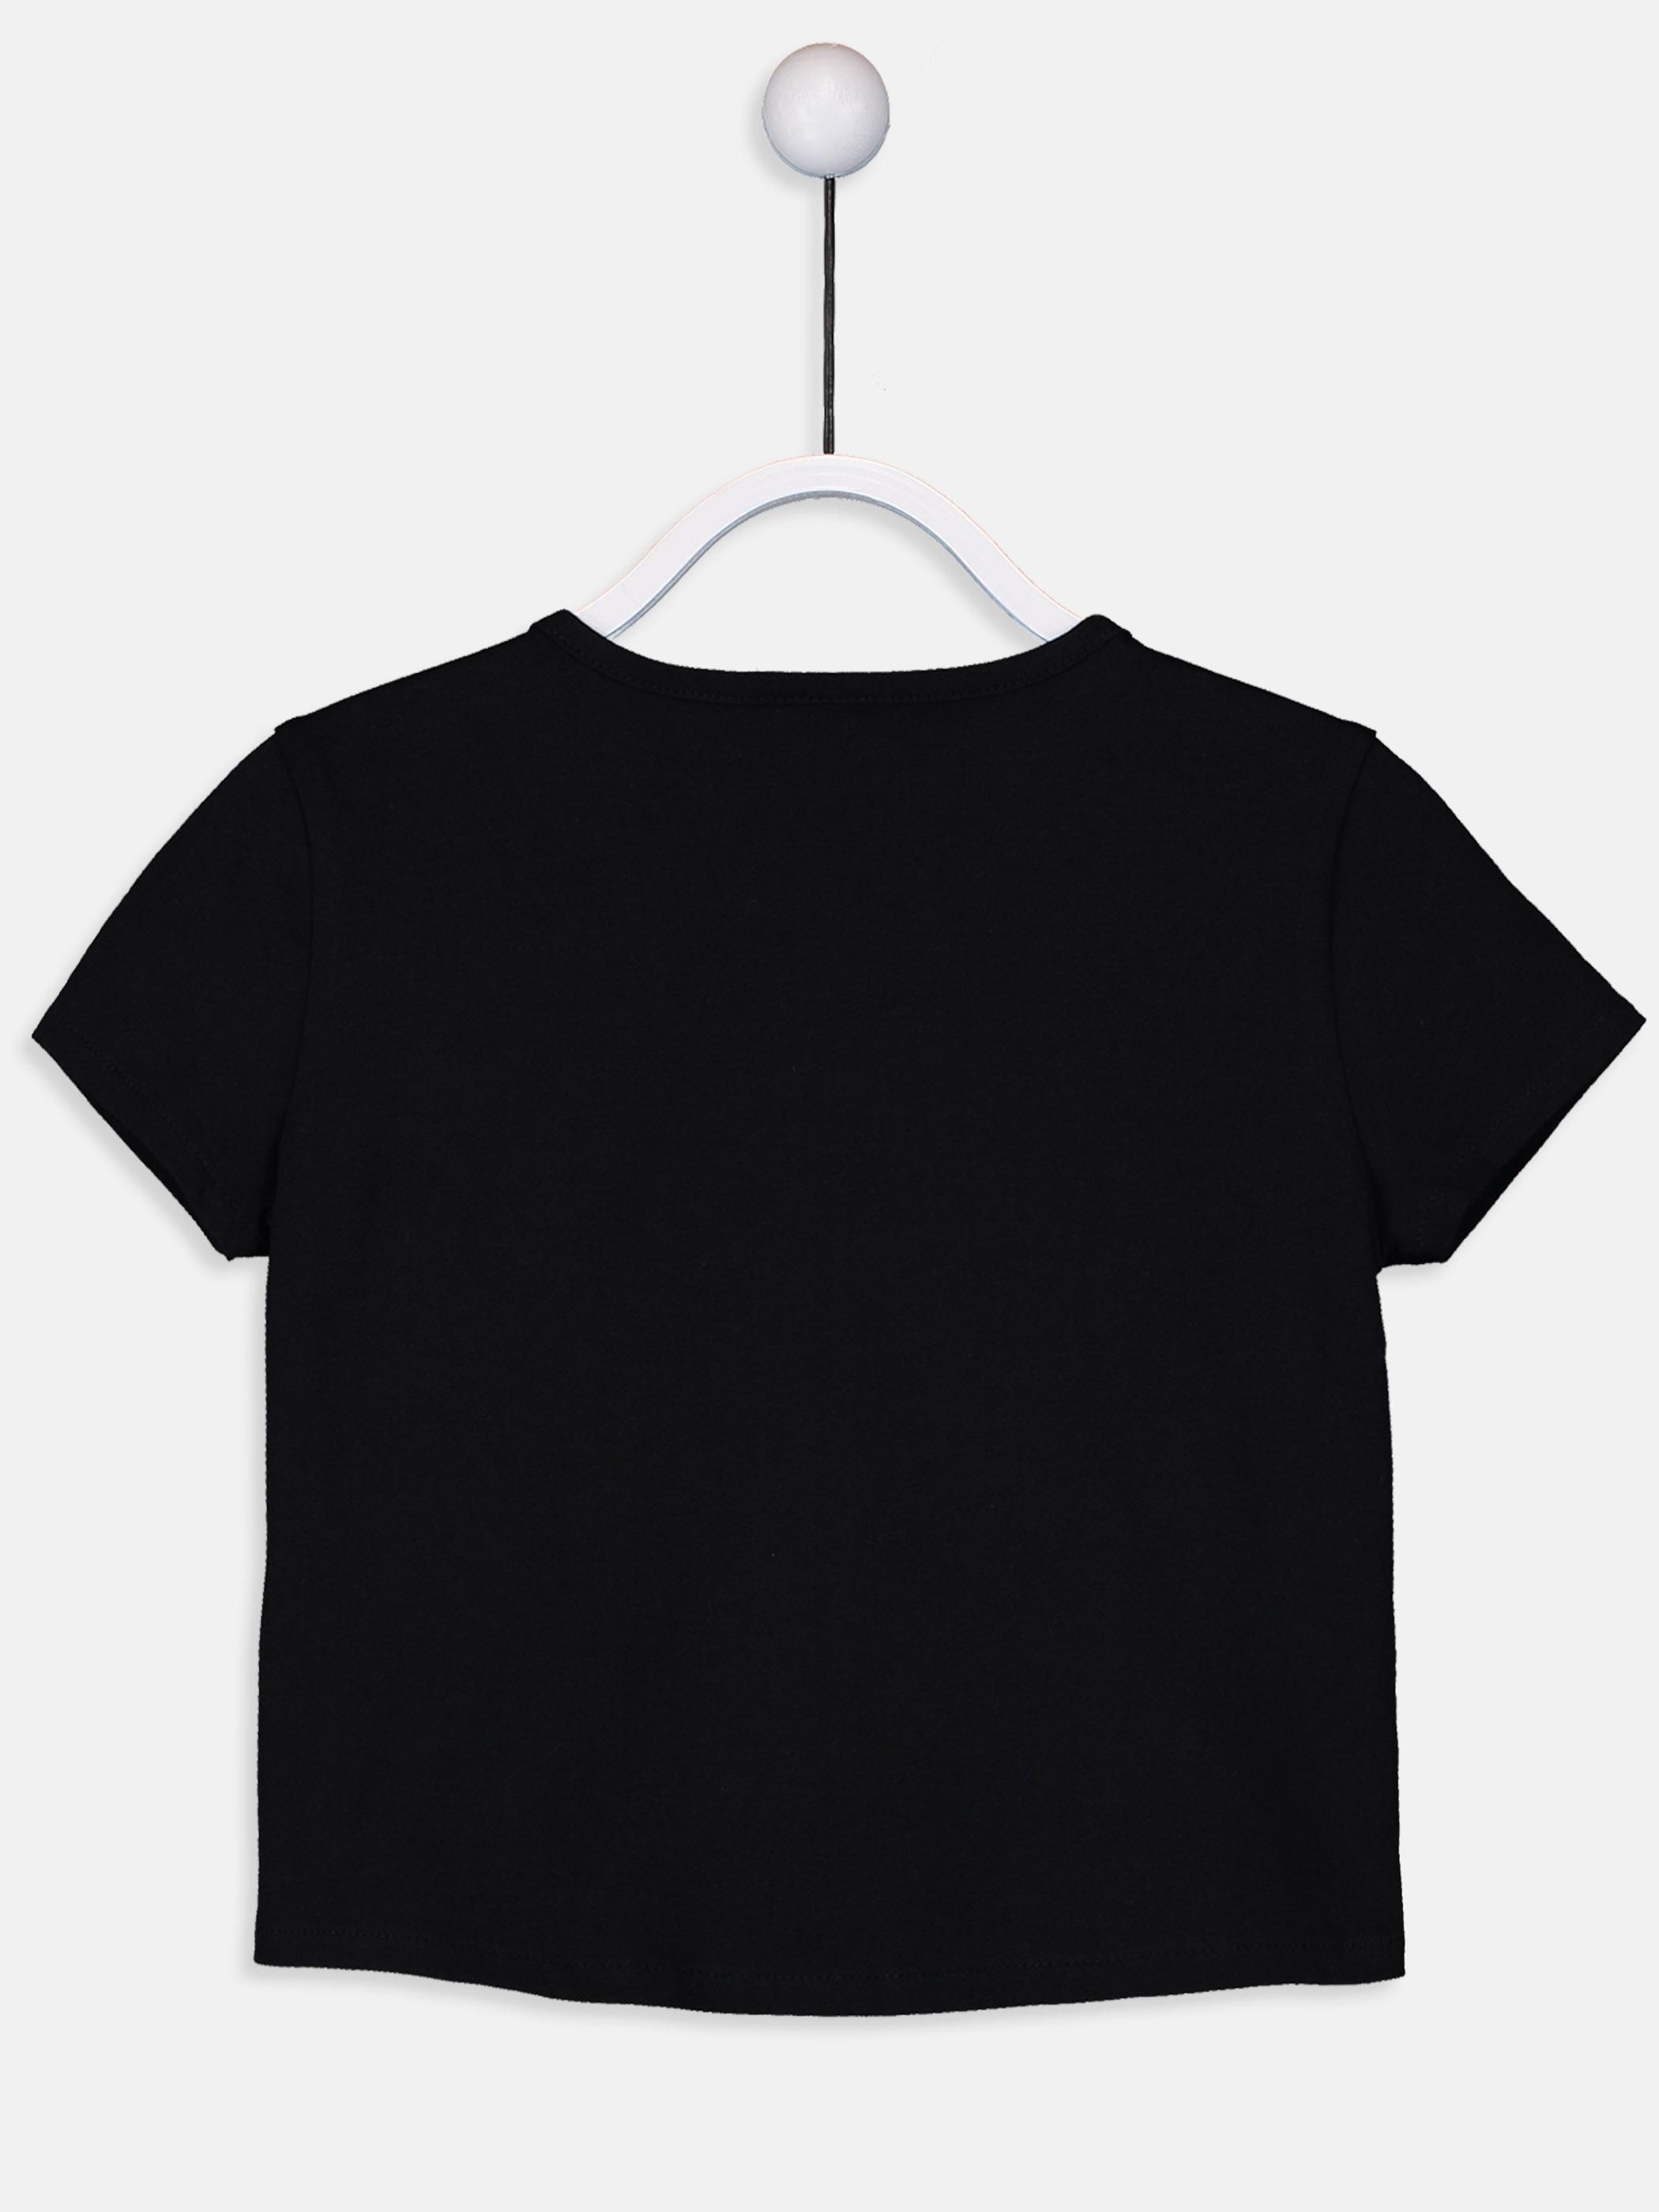 Kız Çocuk Yazı Baskılı Pamuklu Tişört -9SK567Z4-CVL